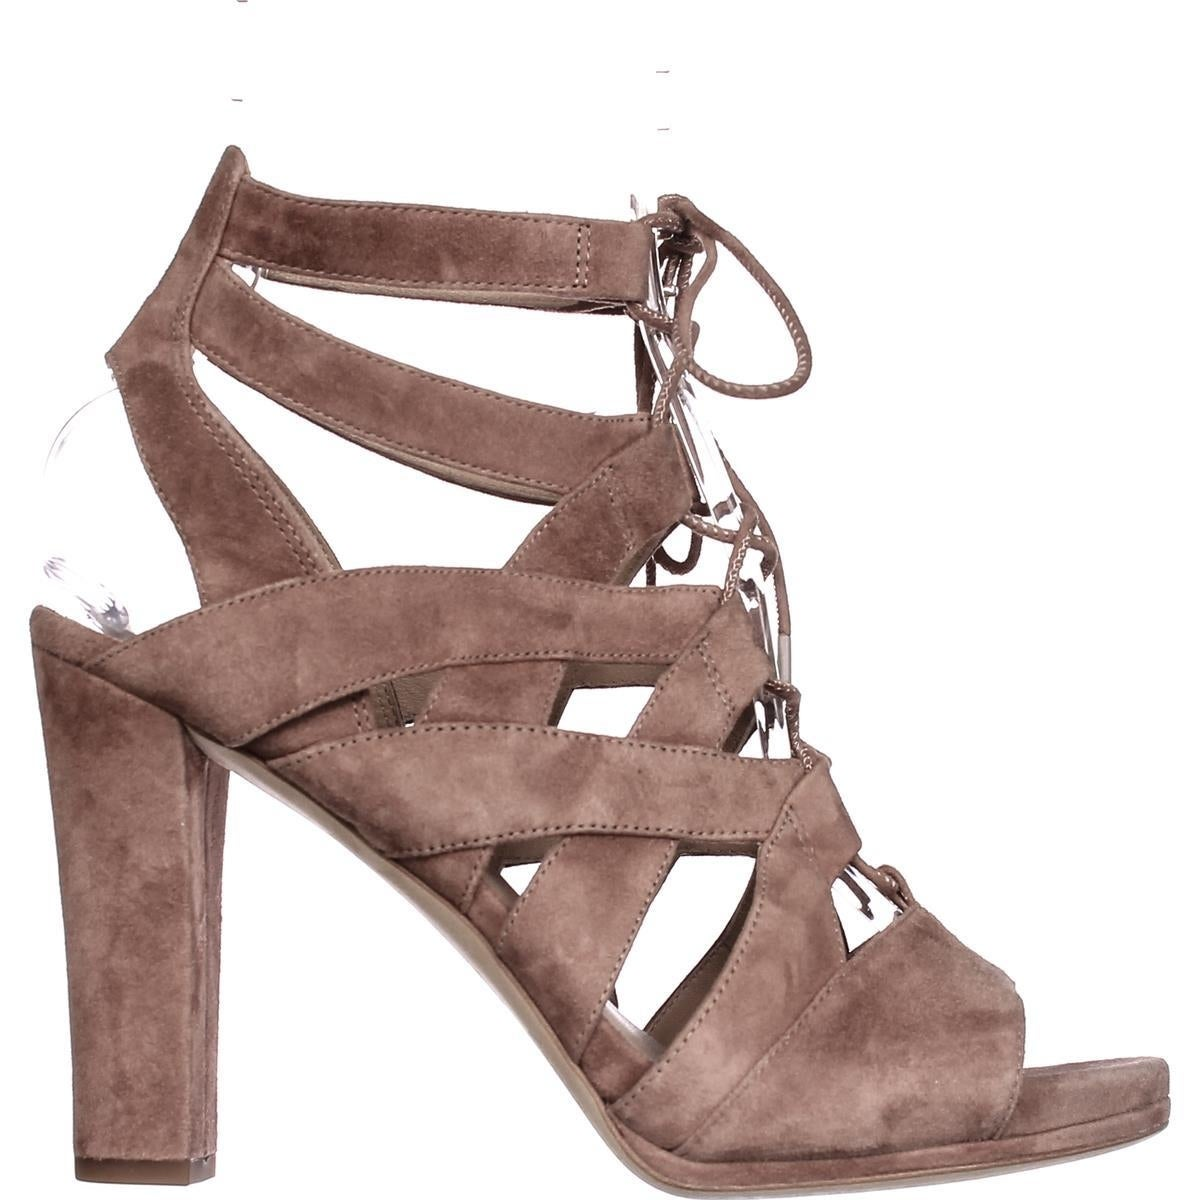 16de169696d Shop Via Spiga Collette Strappy Lace Up Sandals